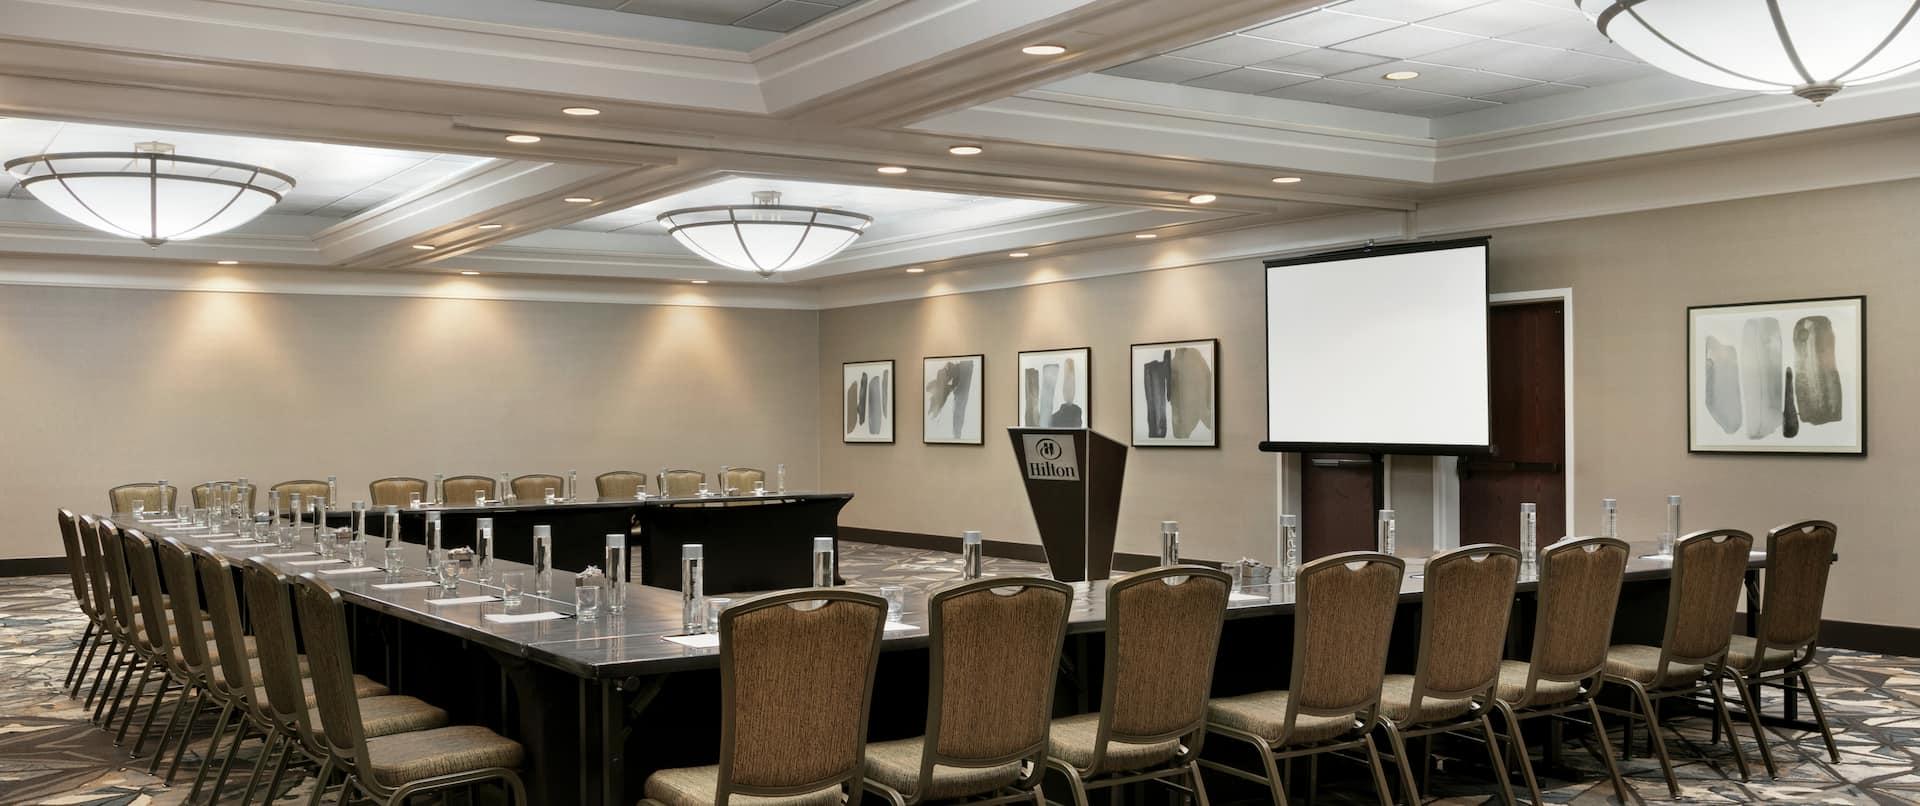 Meeting Room Setup U Shape Style